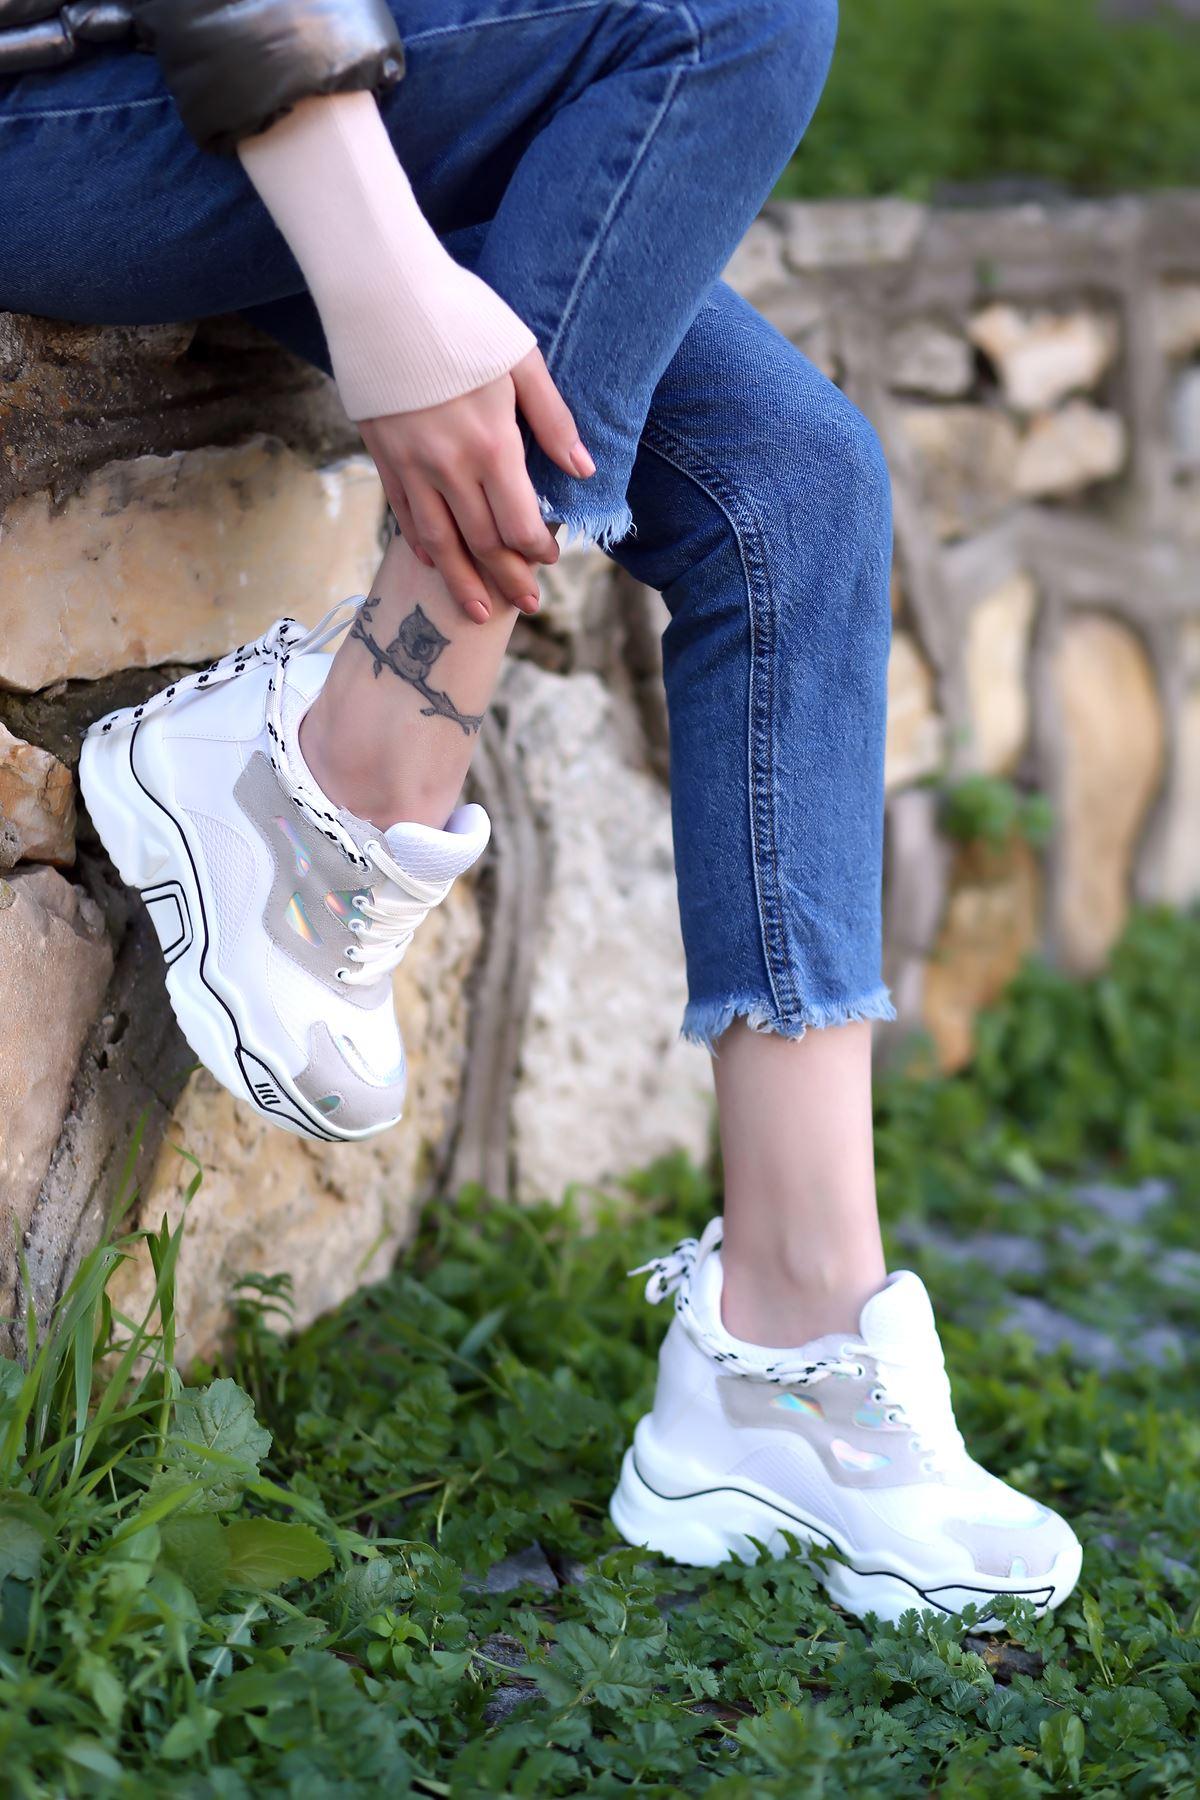 Chelsea File Detaylı Hologramlı Yüksek Topuklu Gri Parçalı Beyaz Kadın Spor Ayakkabı